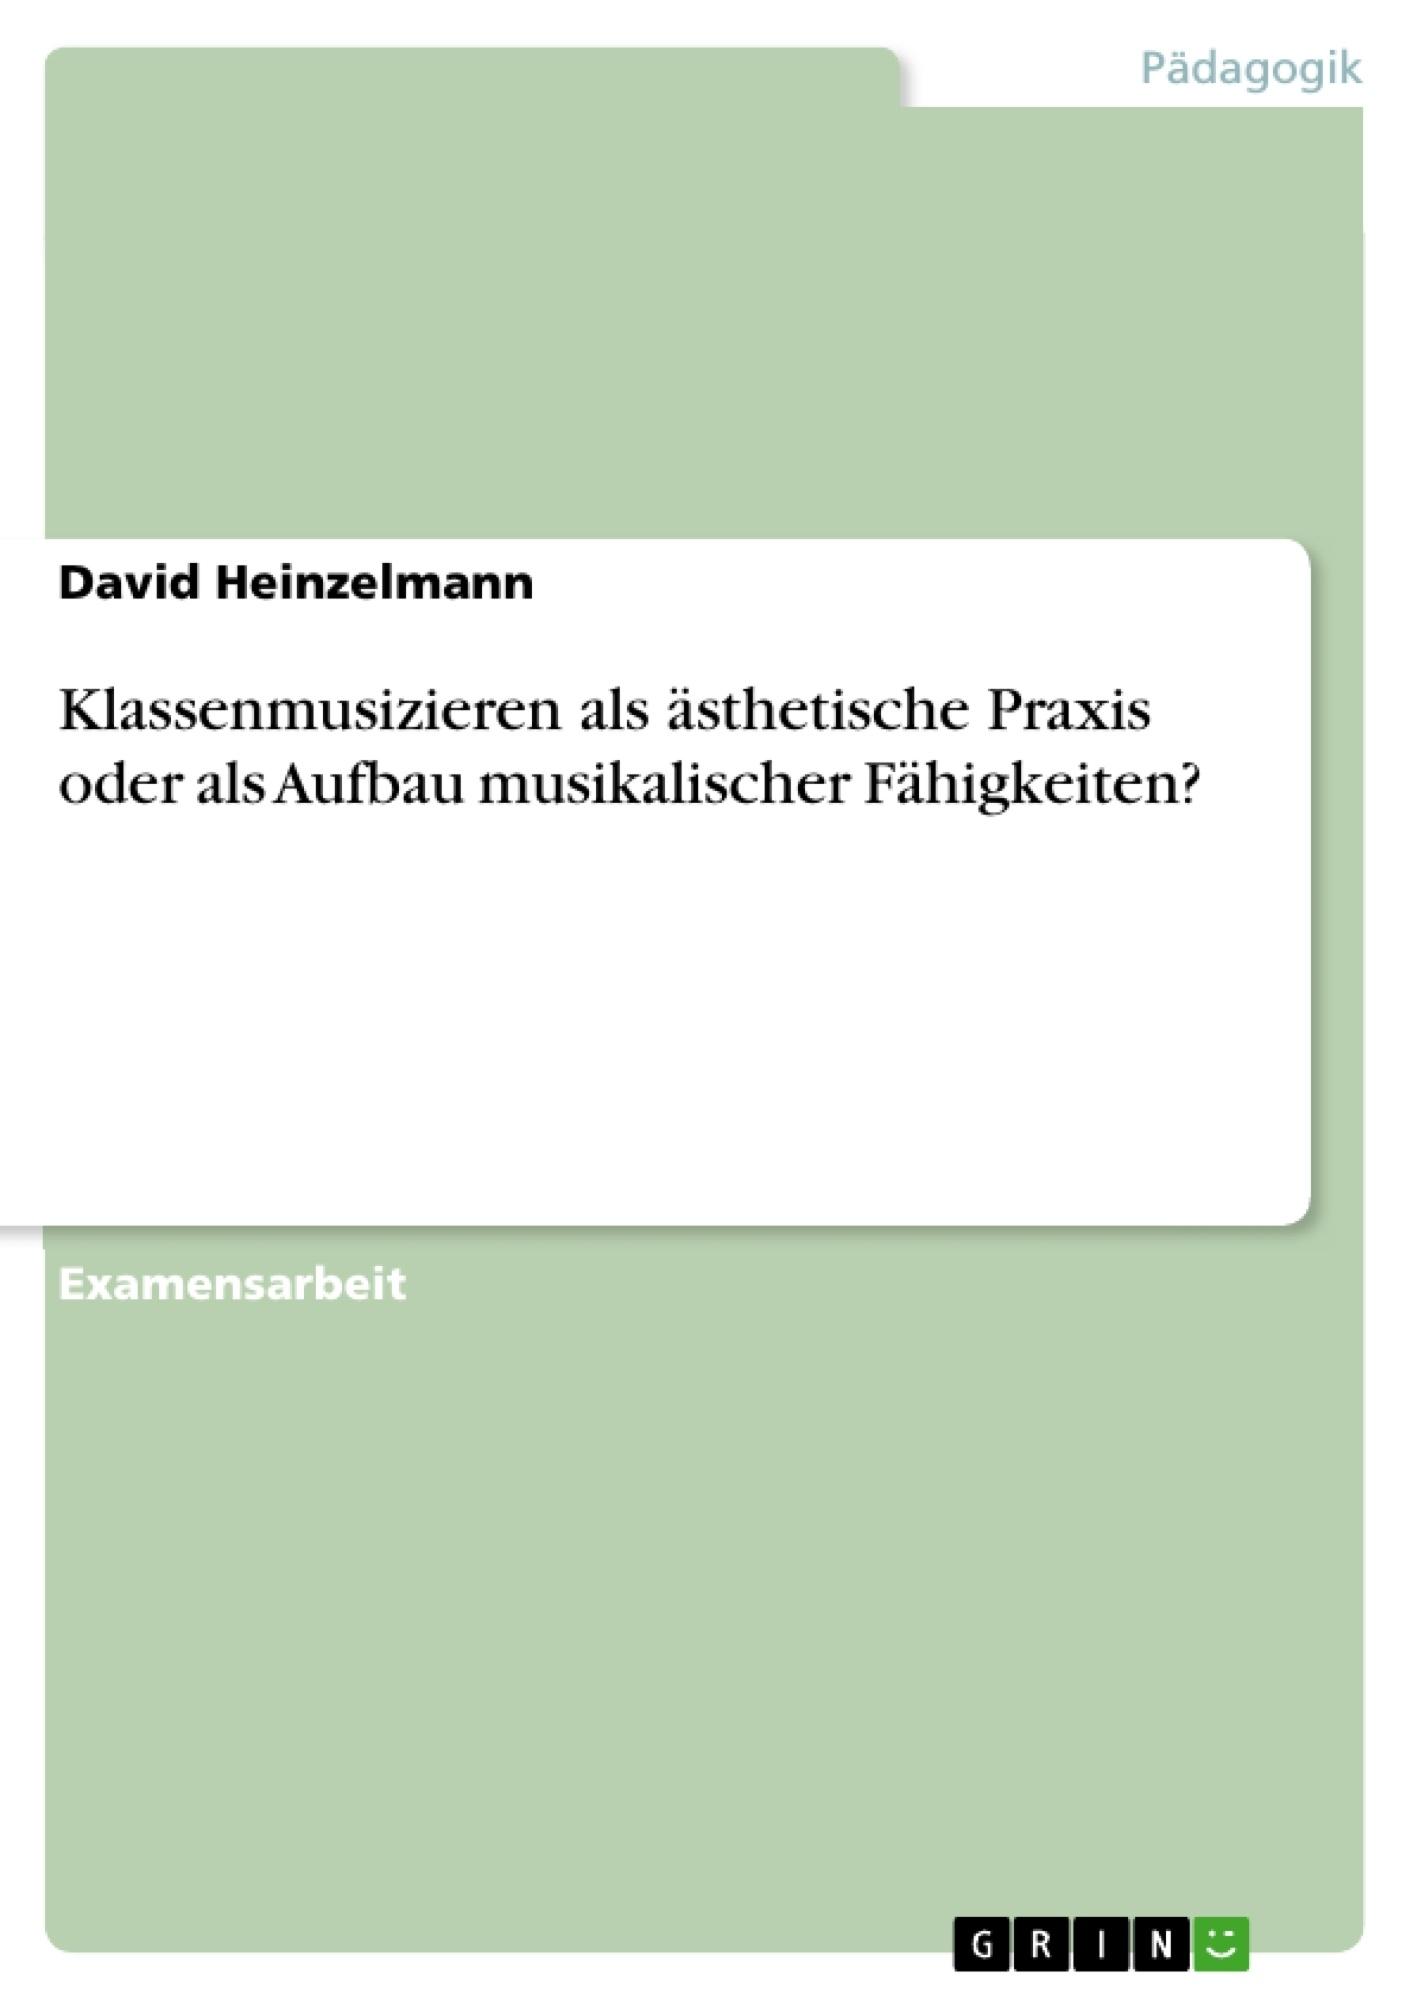 Titel: Klassenmusizieren als ästhetische Praxis oder als Aufbau musikalischer Fähigkeiten?